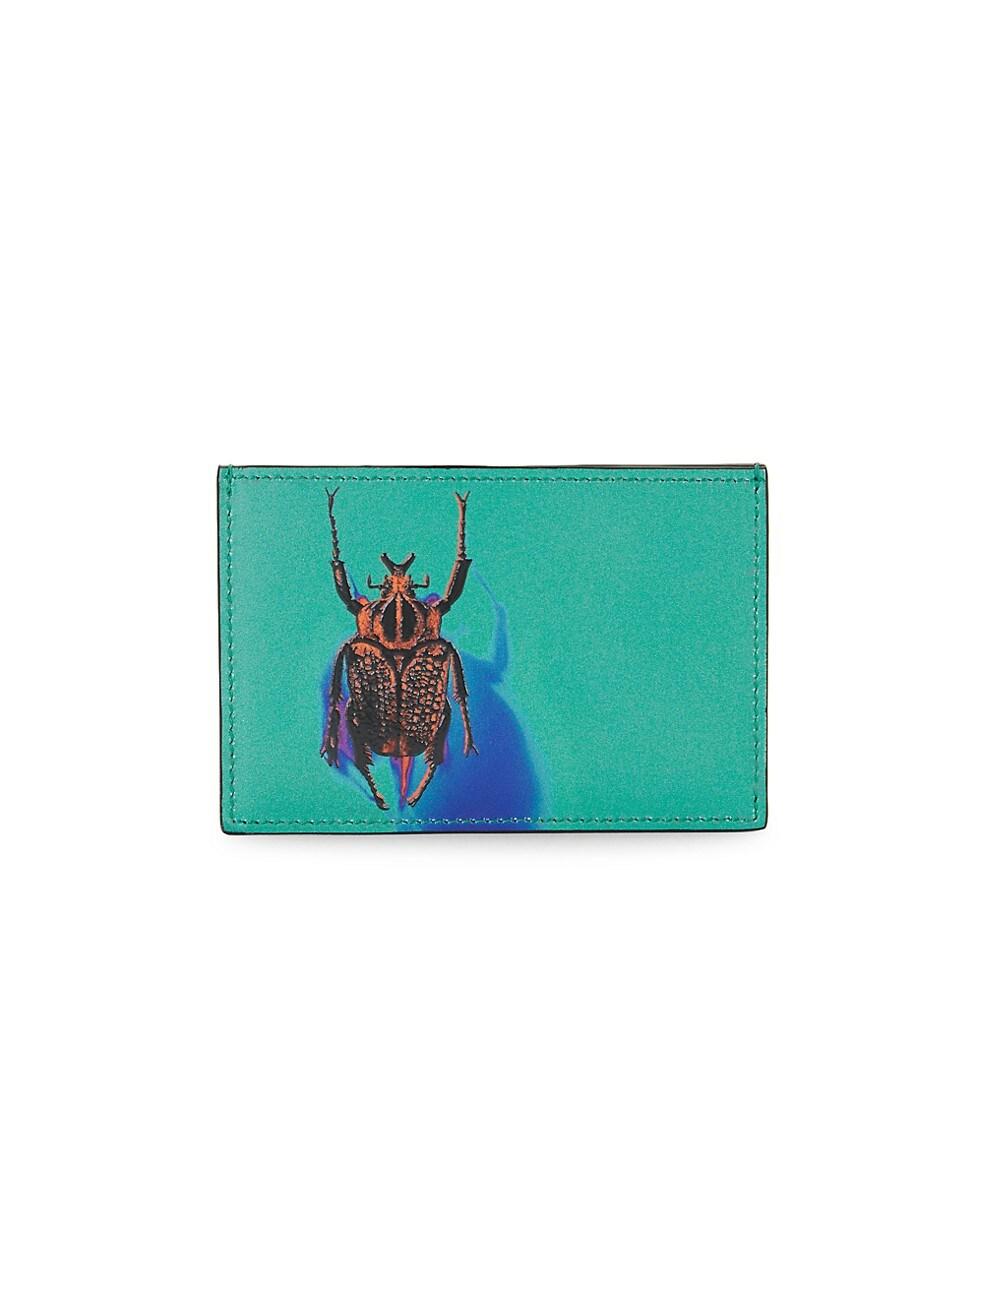 폴 스미스 Paul Smith Beetle Graphic Leather Card Case,TURQUOISE